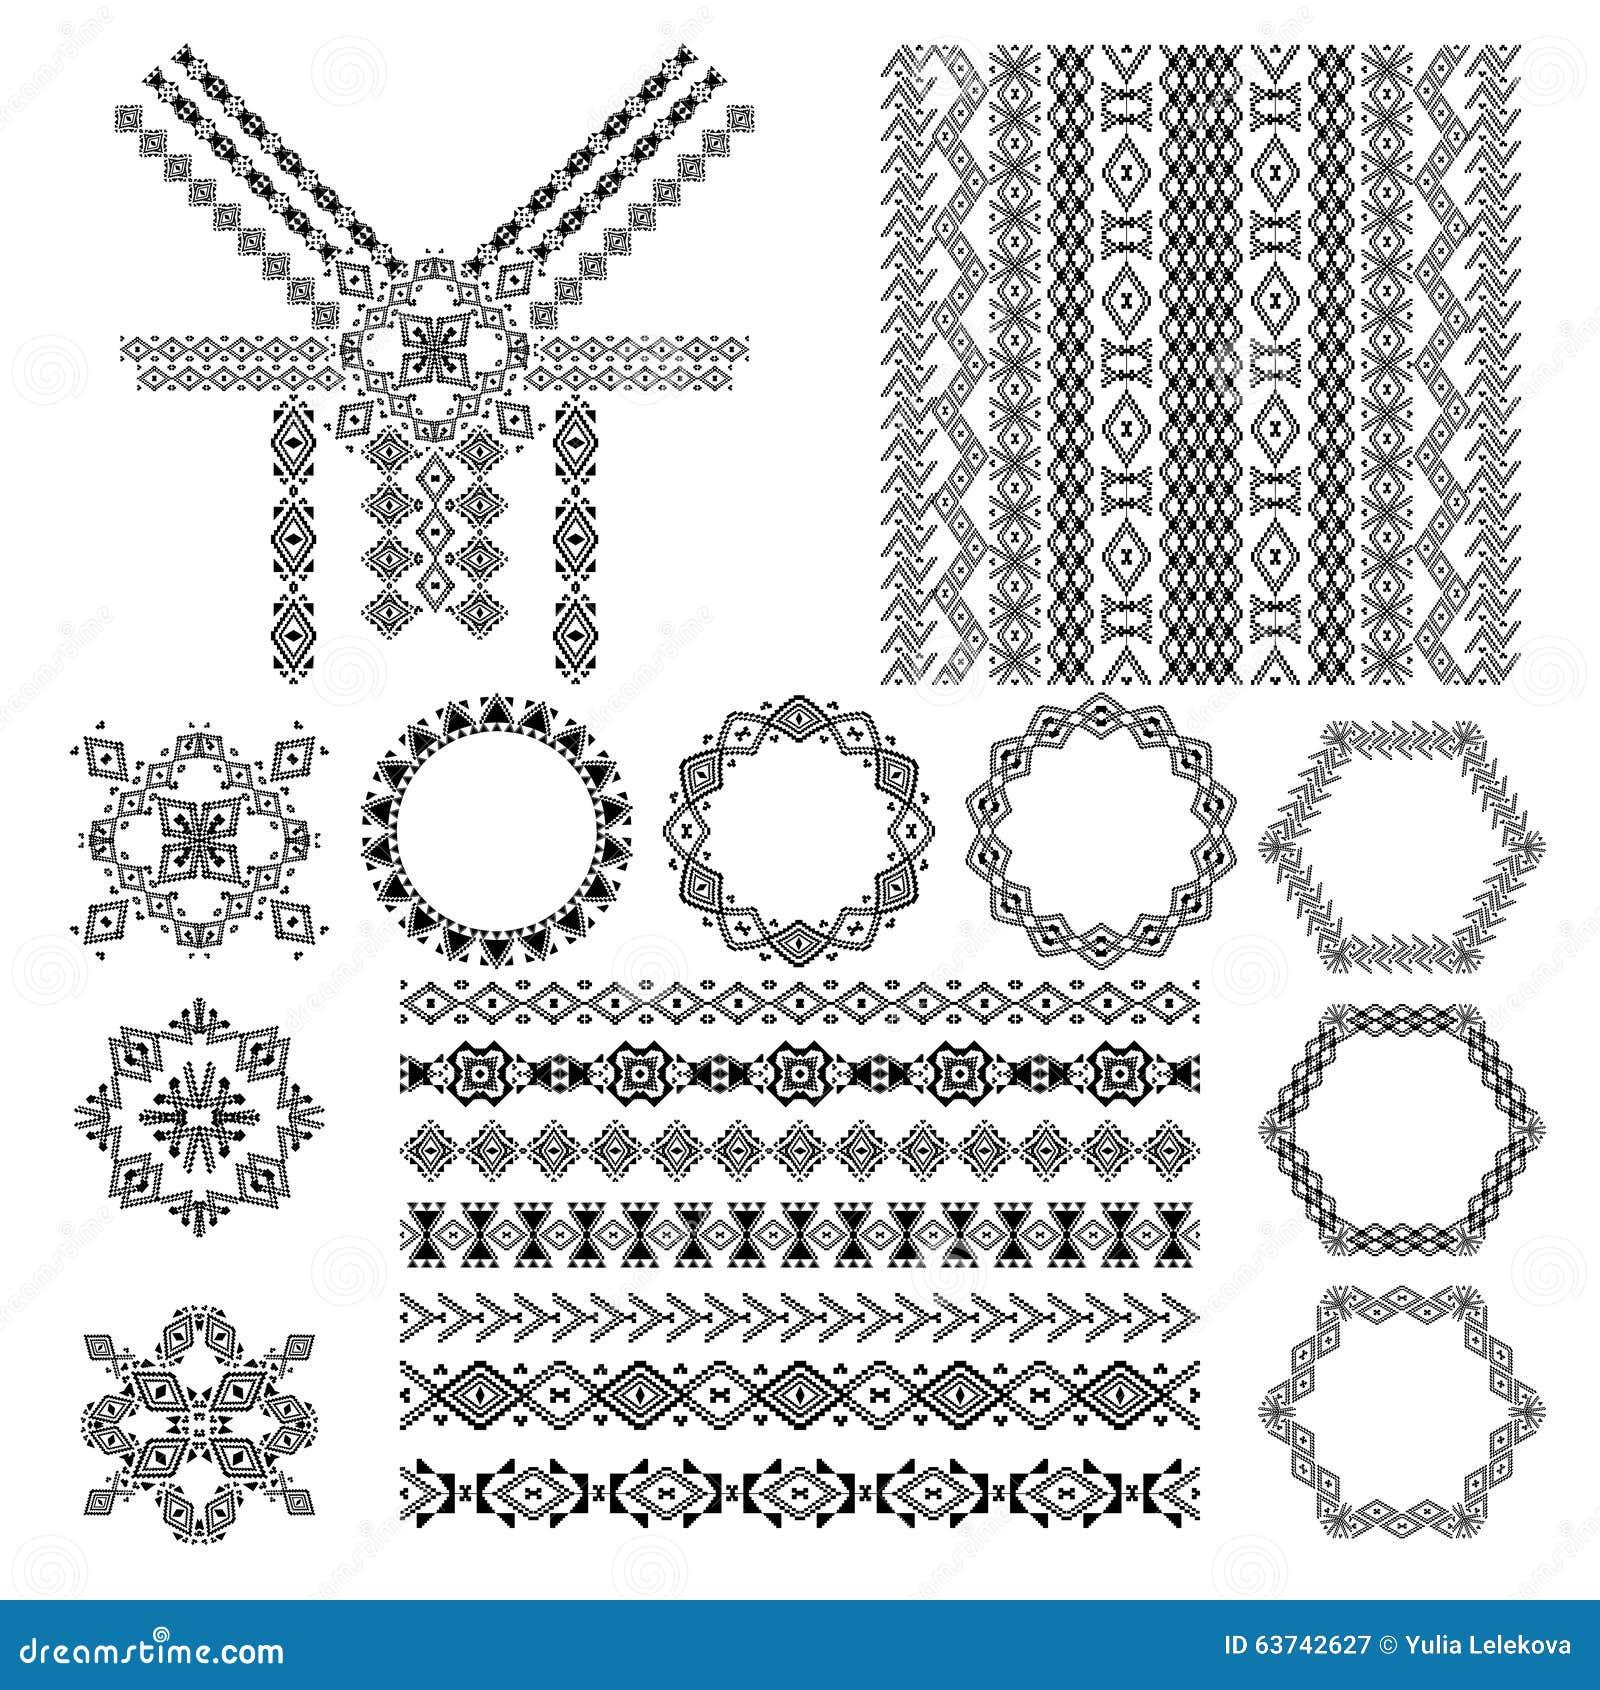 Ethnic Patterns Or Frames Vector Illustration